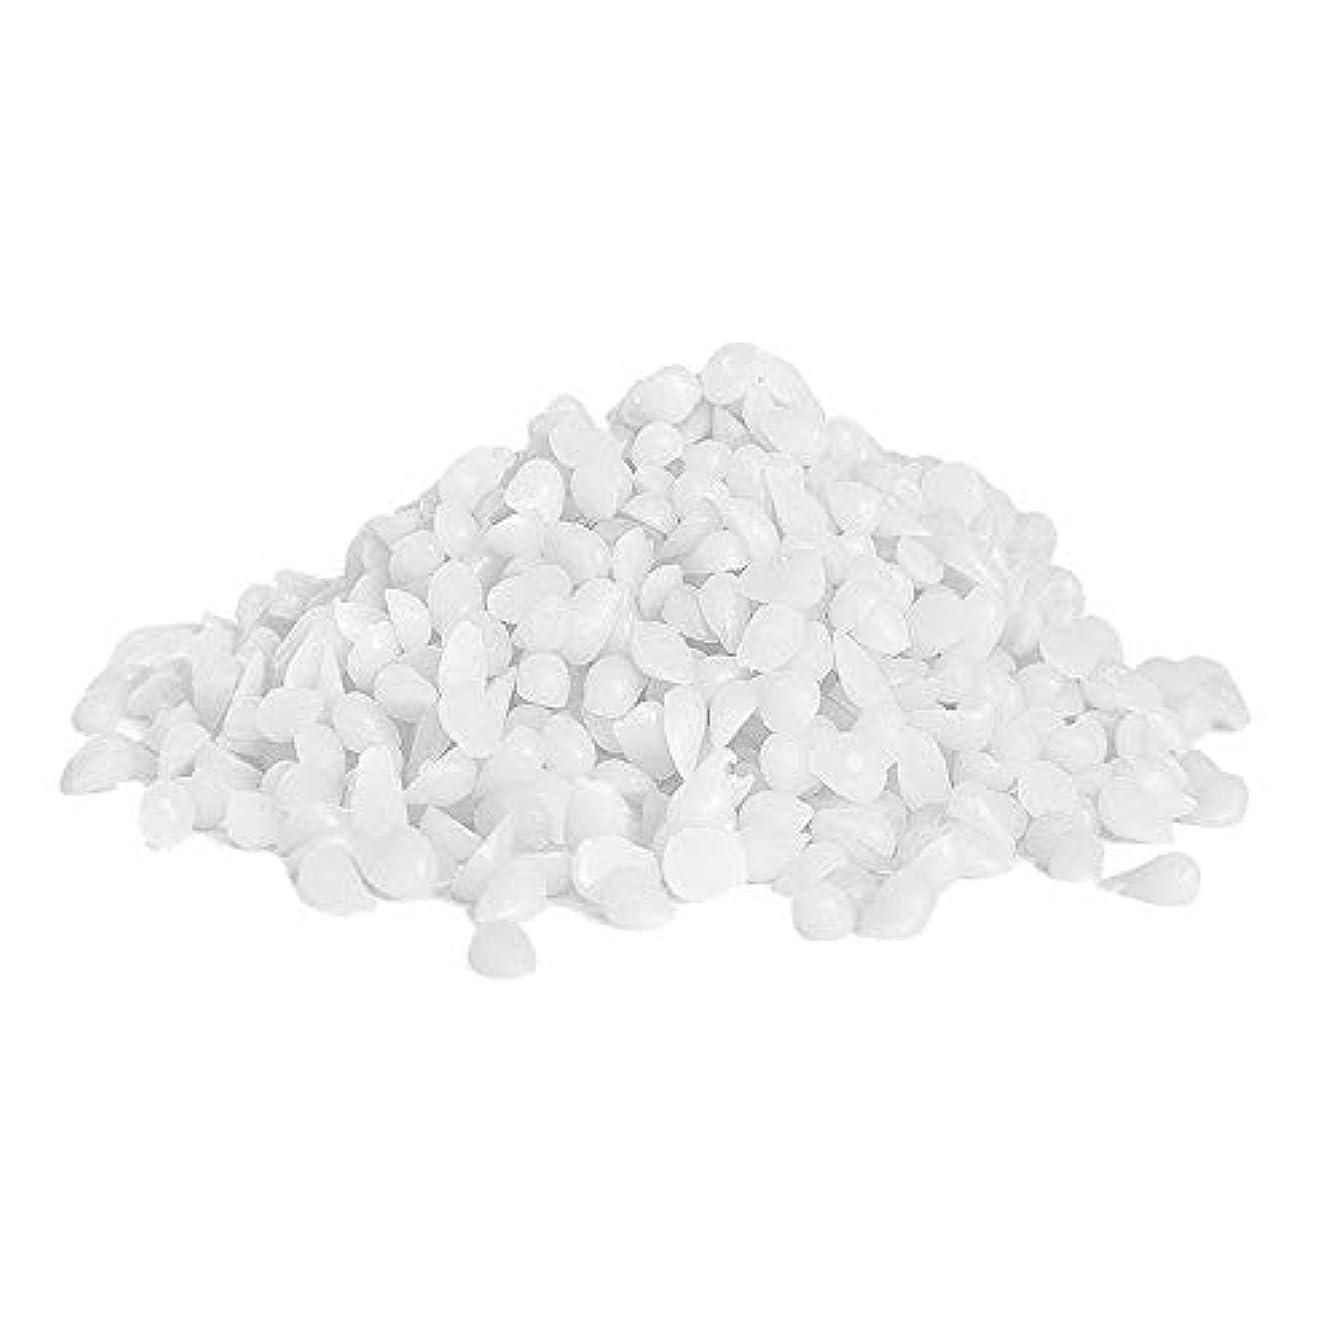 経済的生まれバトルTenflyer  ミツロウペレットイエローホワイトトローチ化粧品グレードキャンドルシャップスティックミツロウペレット